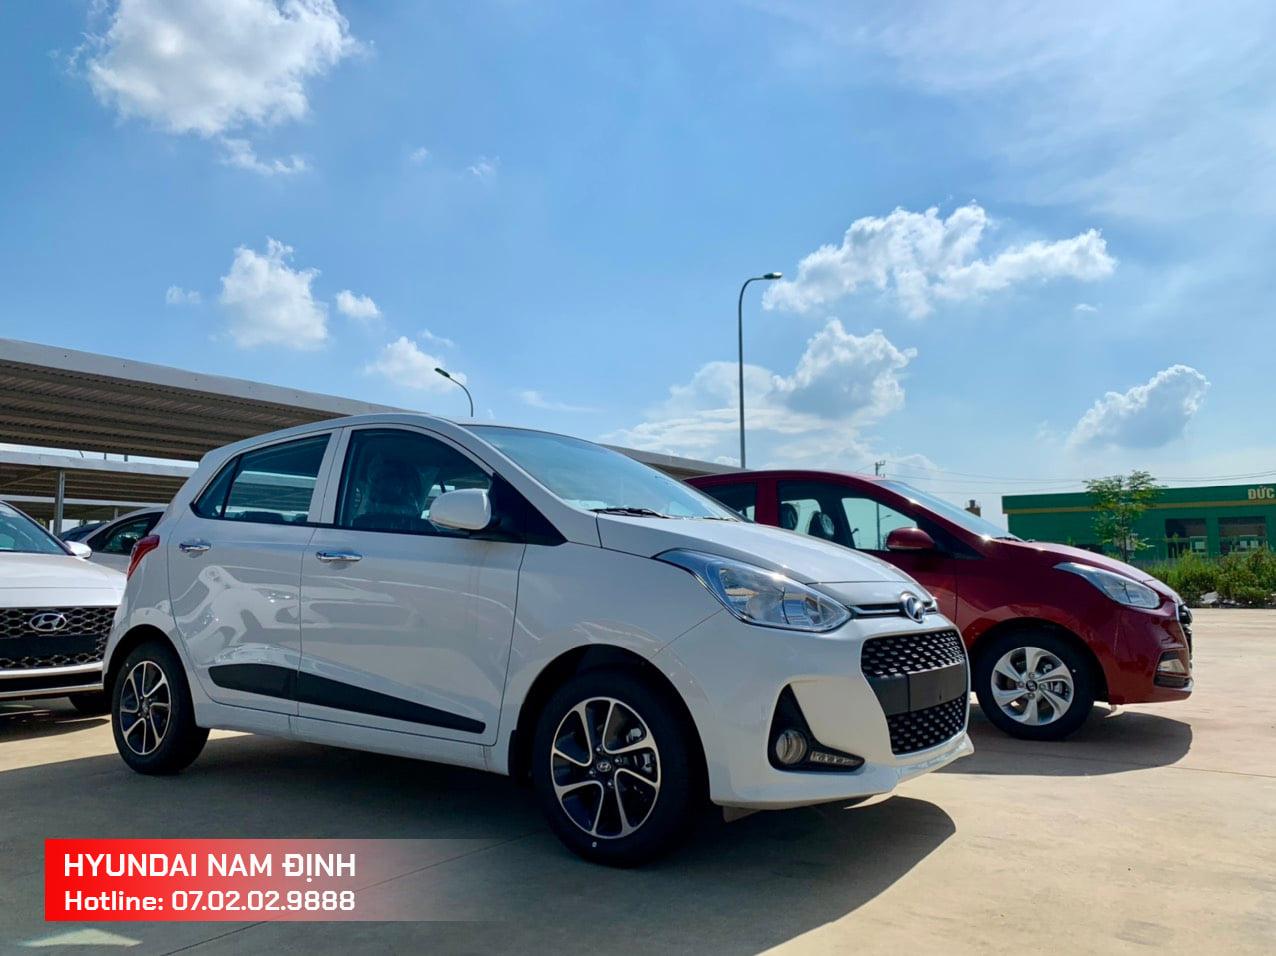 Hyundai Nam Định luôn sẵn xe, đủ màu, đủ các bản